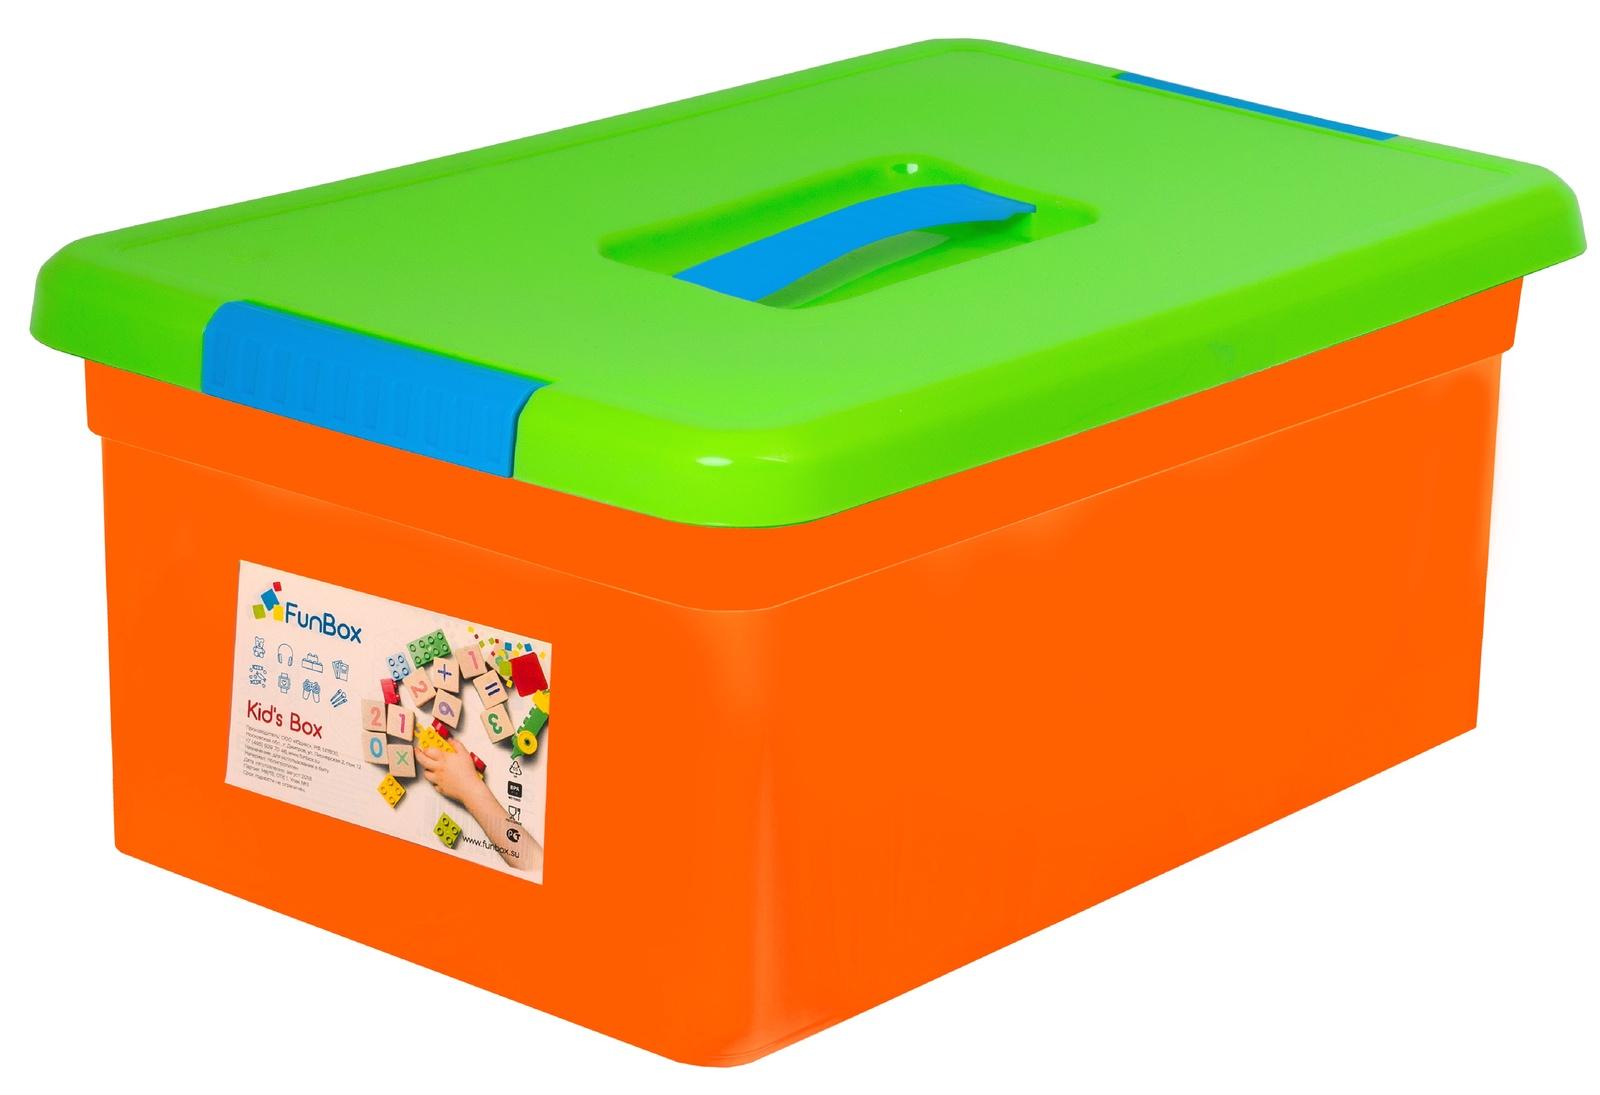 Ящик для игрушек FunBox KID'S BOX 10 литров, оранжевый, светло-зеленый, синий ящики для игрушек альтернатива башпласт контейнер для игрушек феи